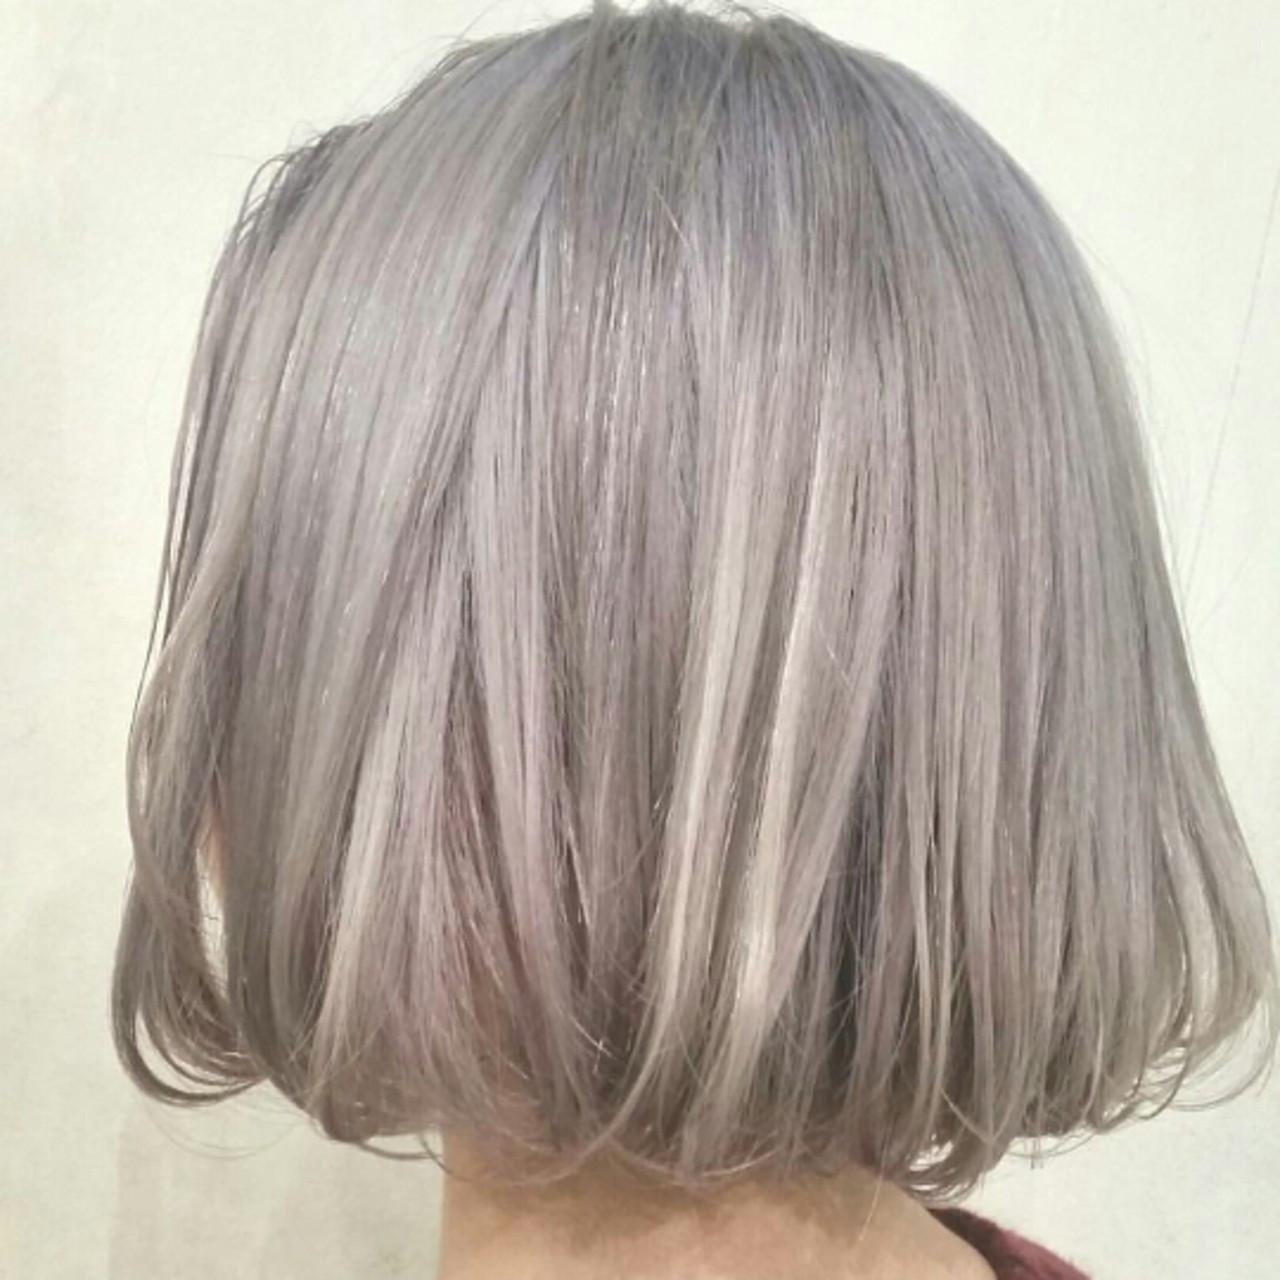 髪に透き通るような質感を!アッシュヘアカラーで理想の抜け感を手に入れる 久保田 淳